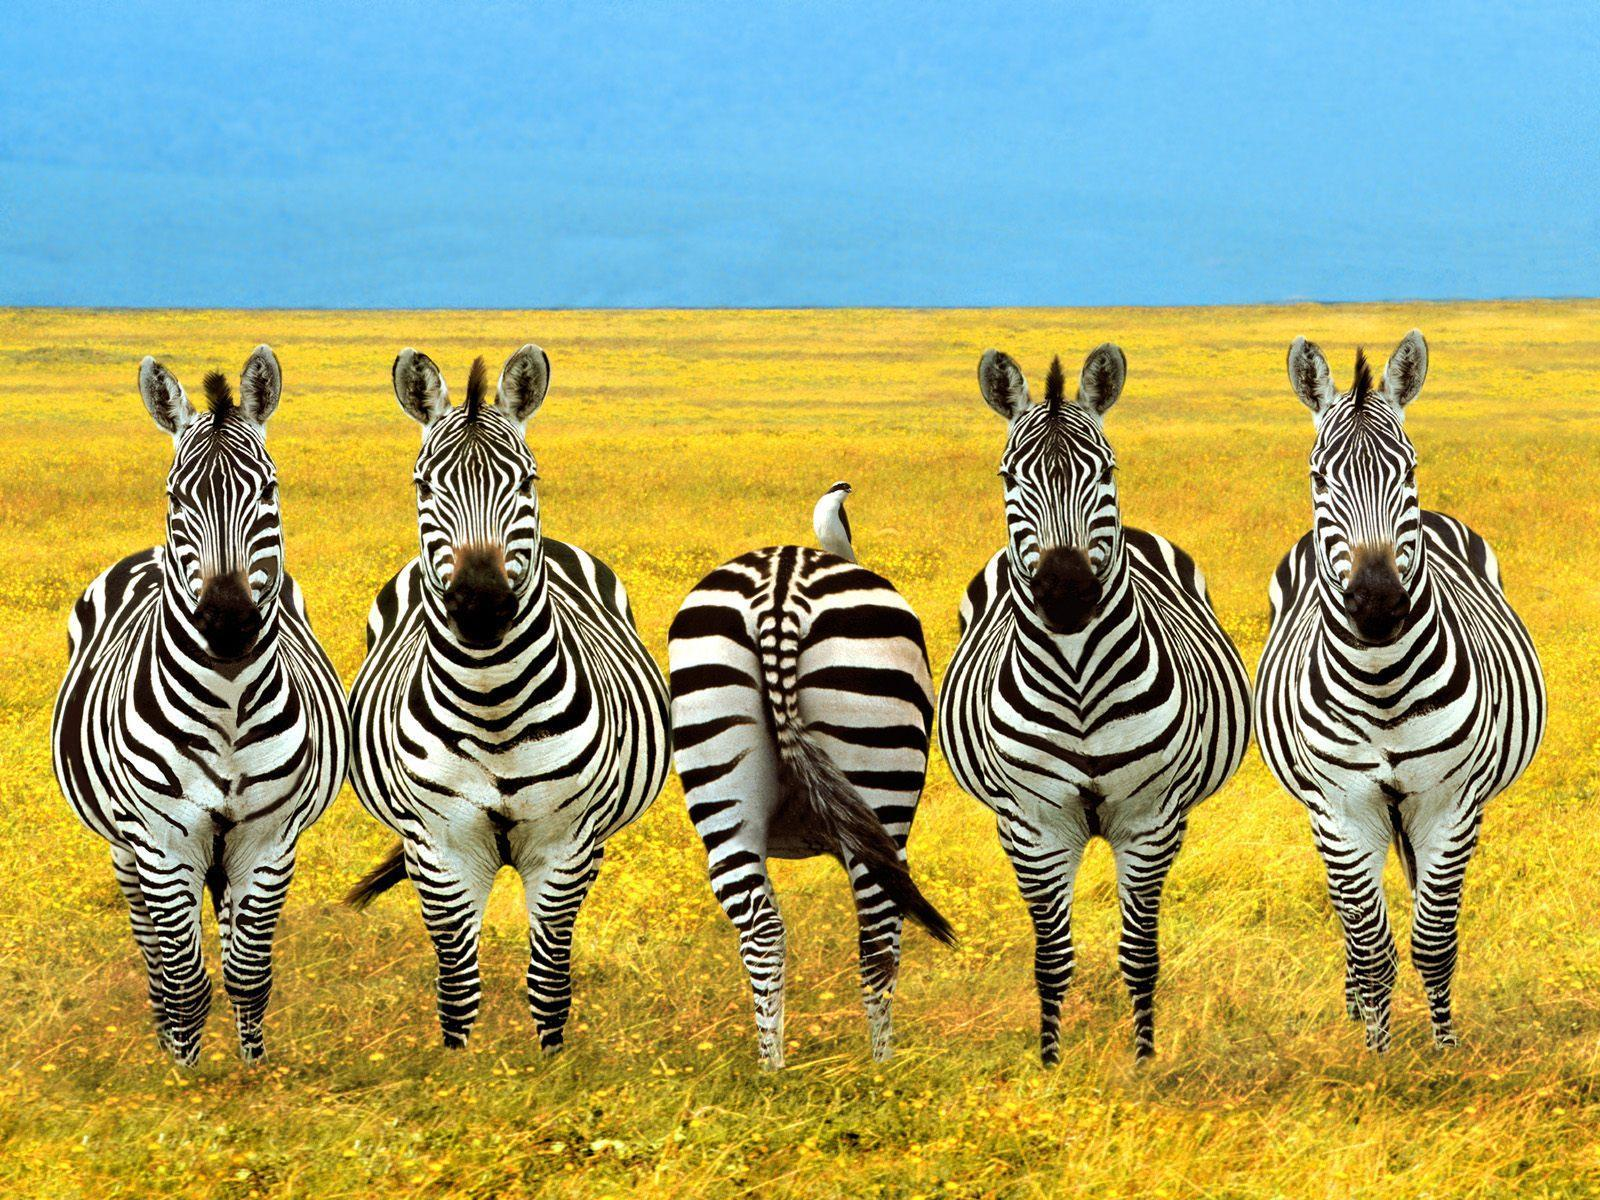 zebra desktop wallpaper zebra images free new wallpapers